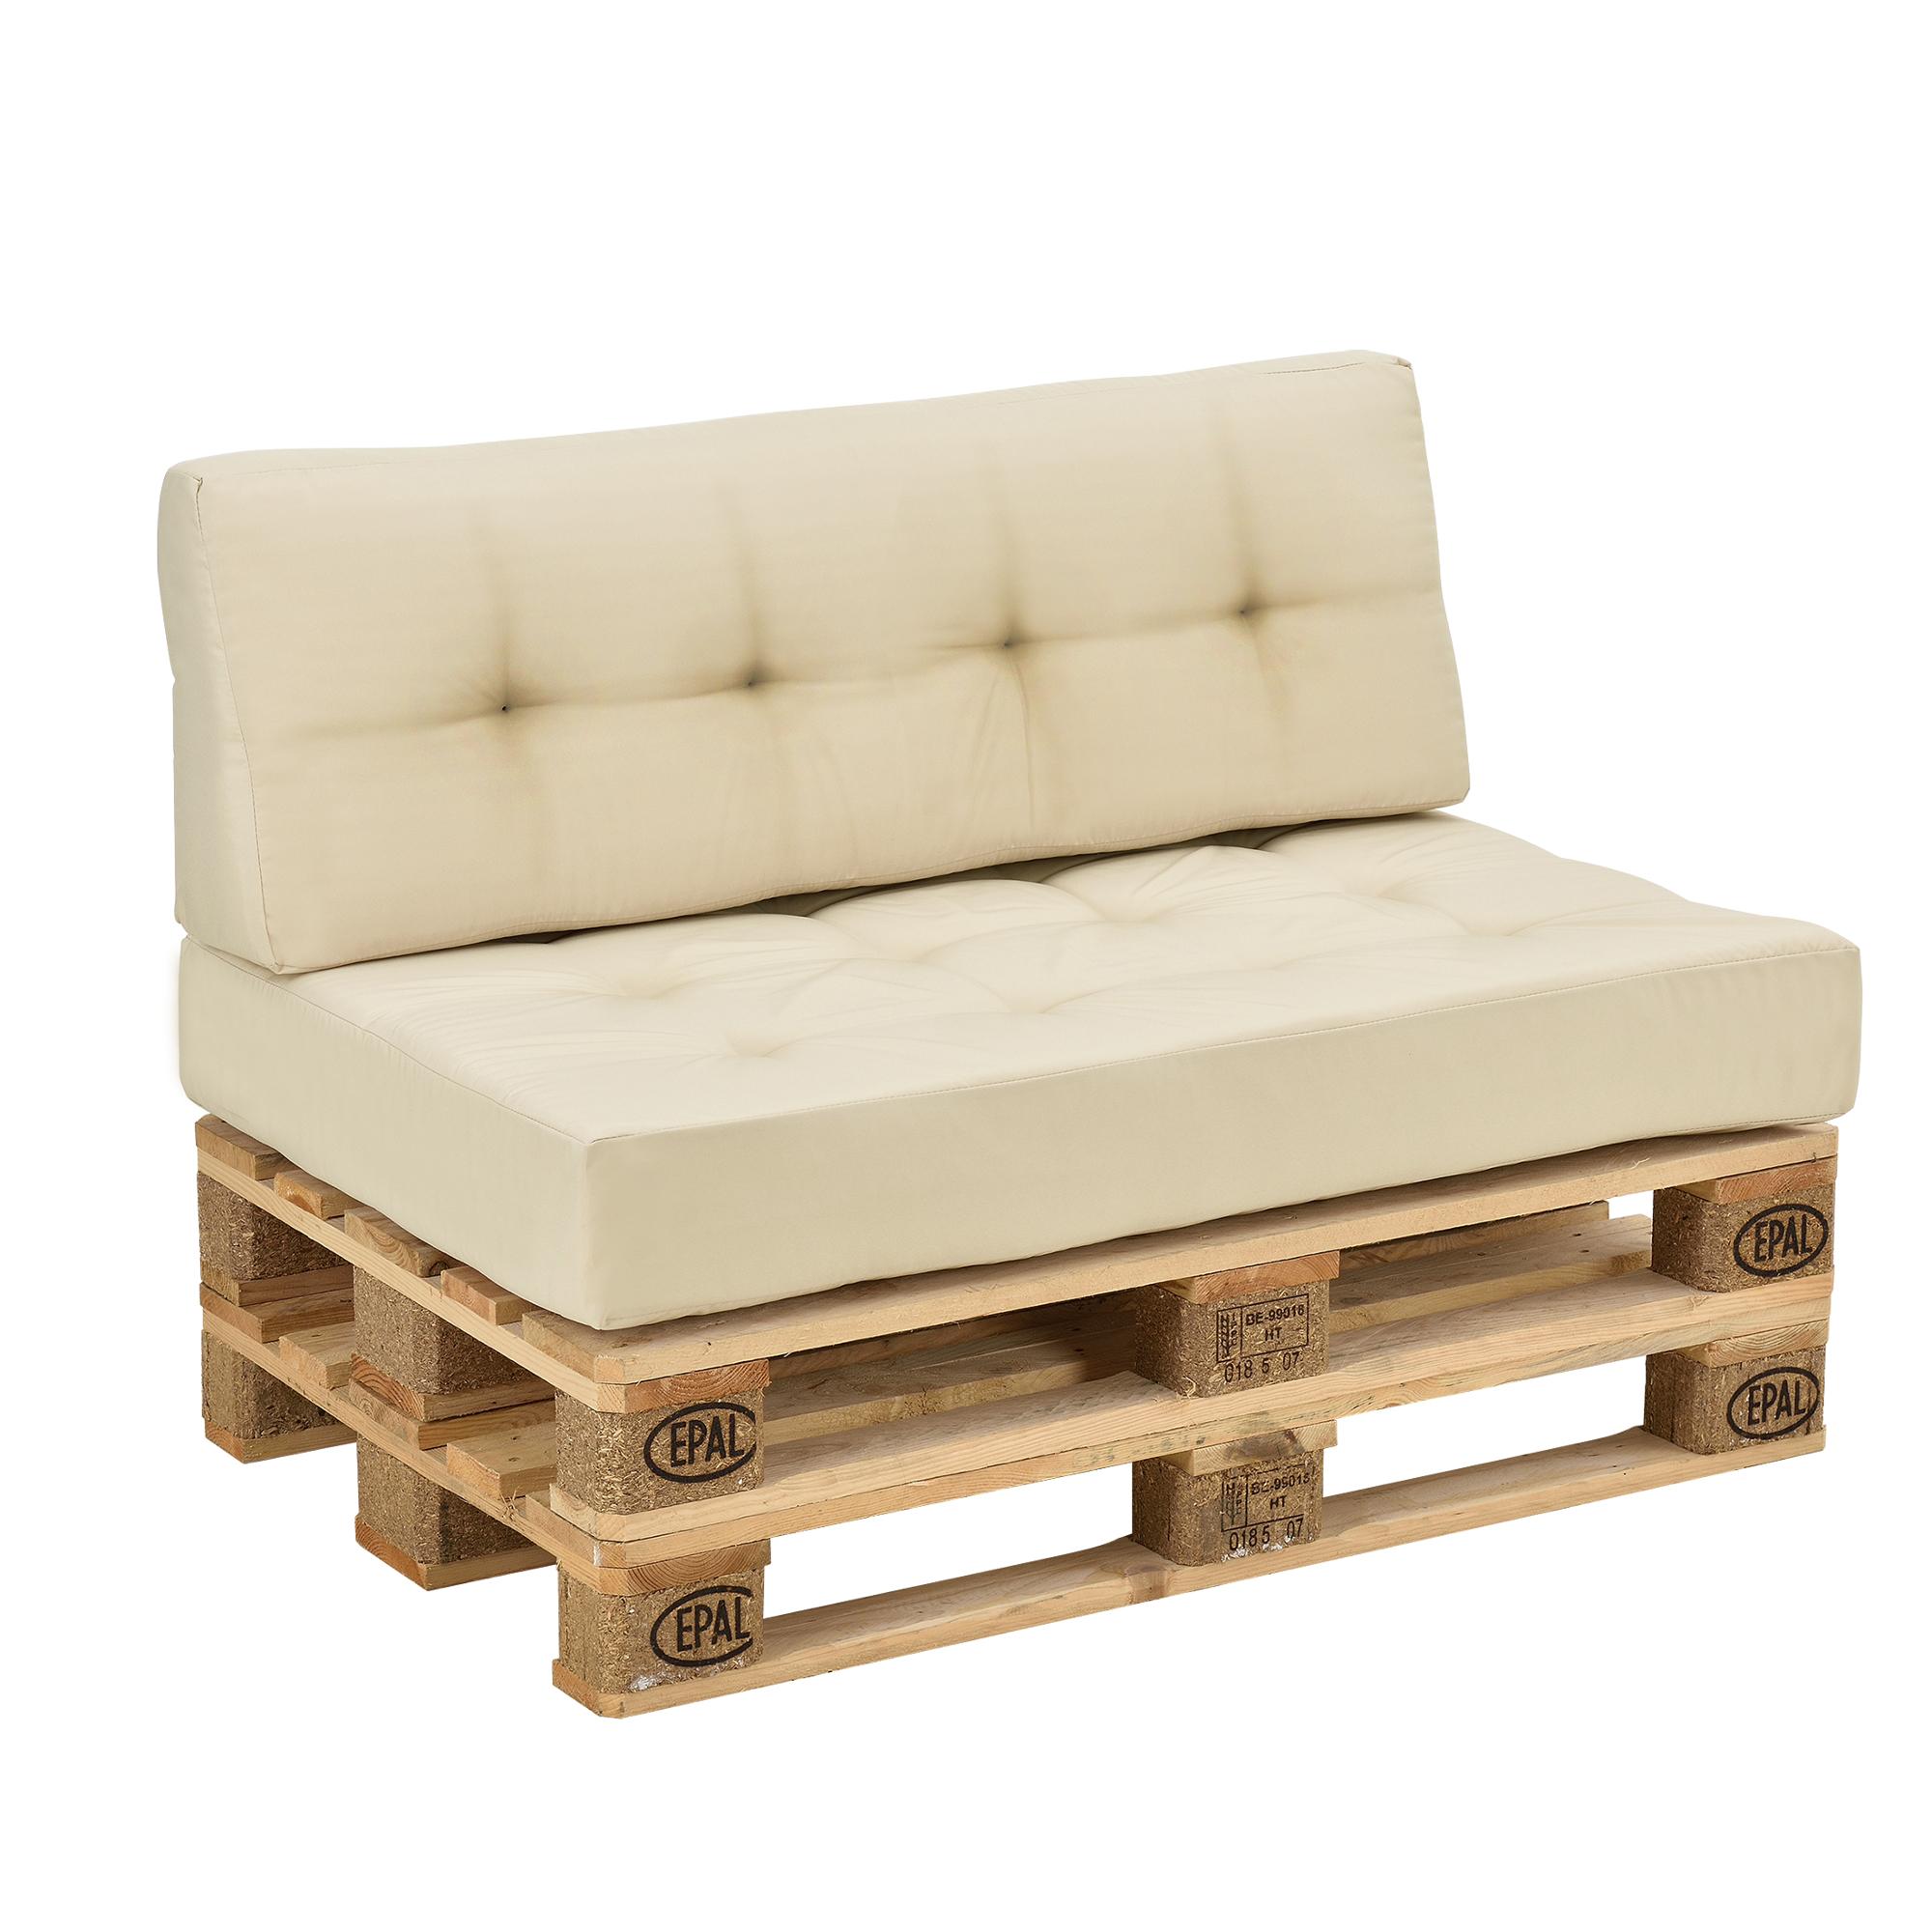 euro paletten sofa 2x sitz r ckenkissen beige creme kissen auflage ebay. Black Bedroom Furniture Sets. Home Design Ideas